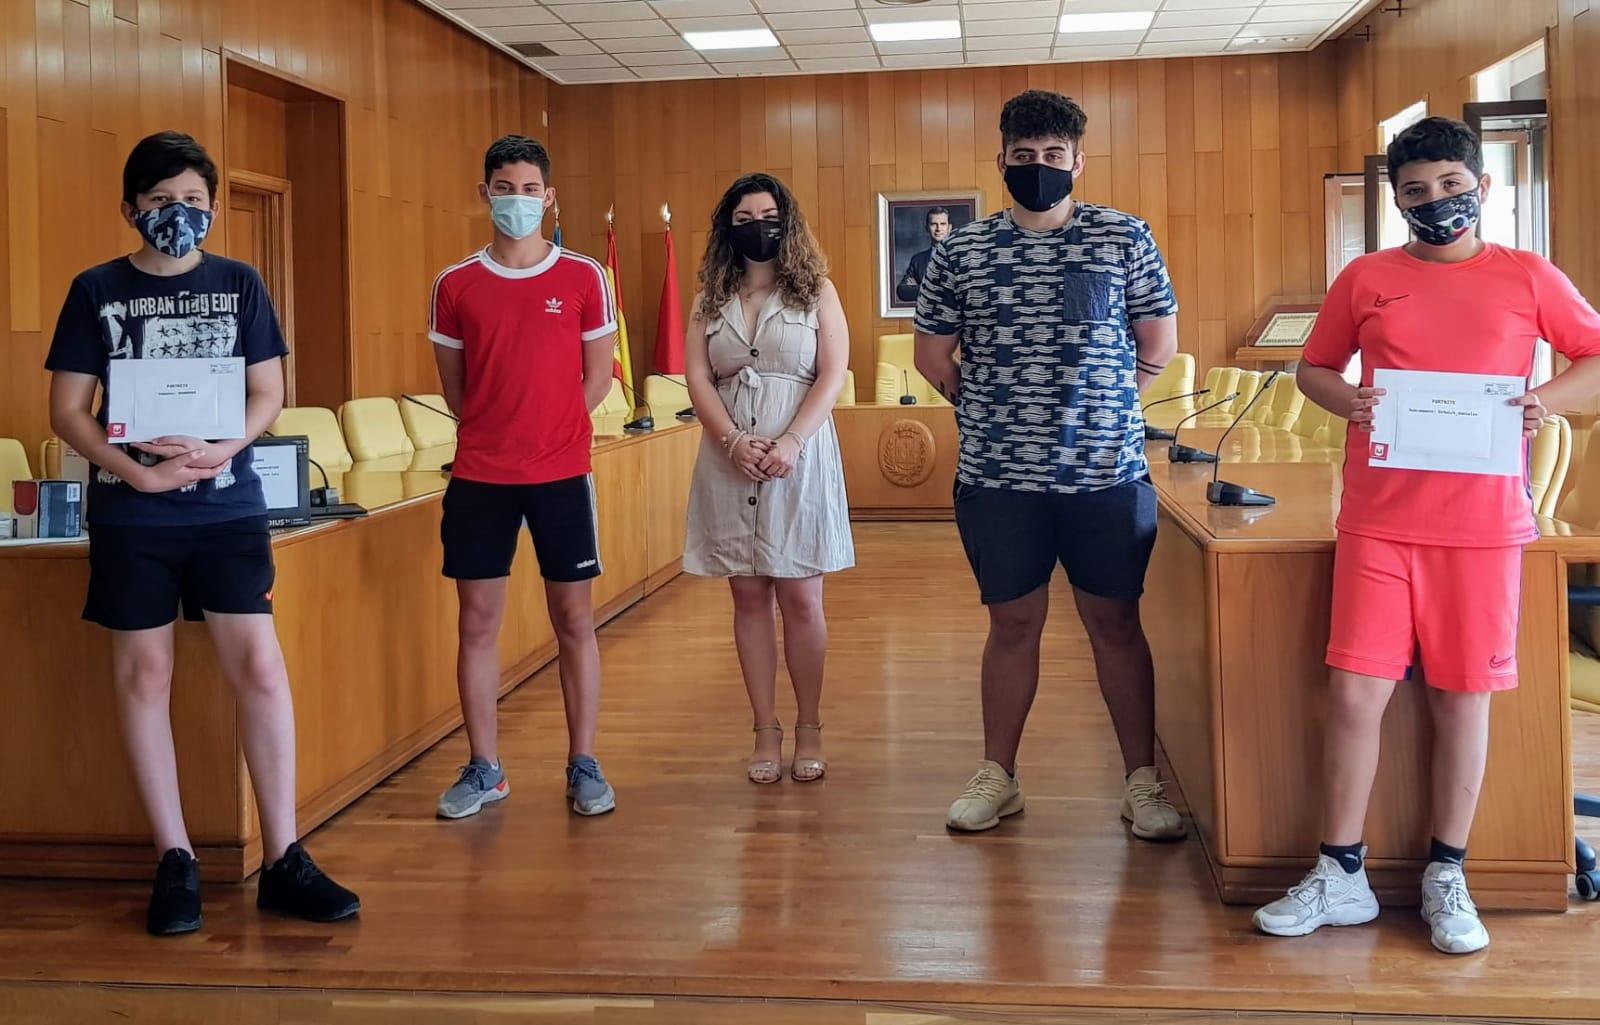 La Concejalía de Juventud entrega los premios a los ganadores de los torneos online de Fortnite y FIFA 2020 y de la yincana virtual